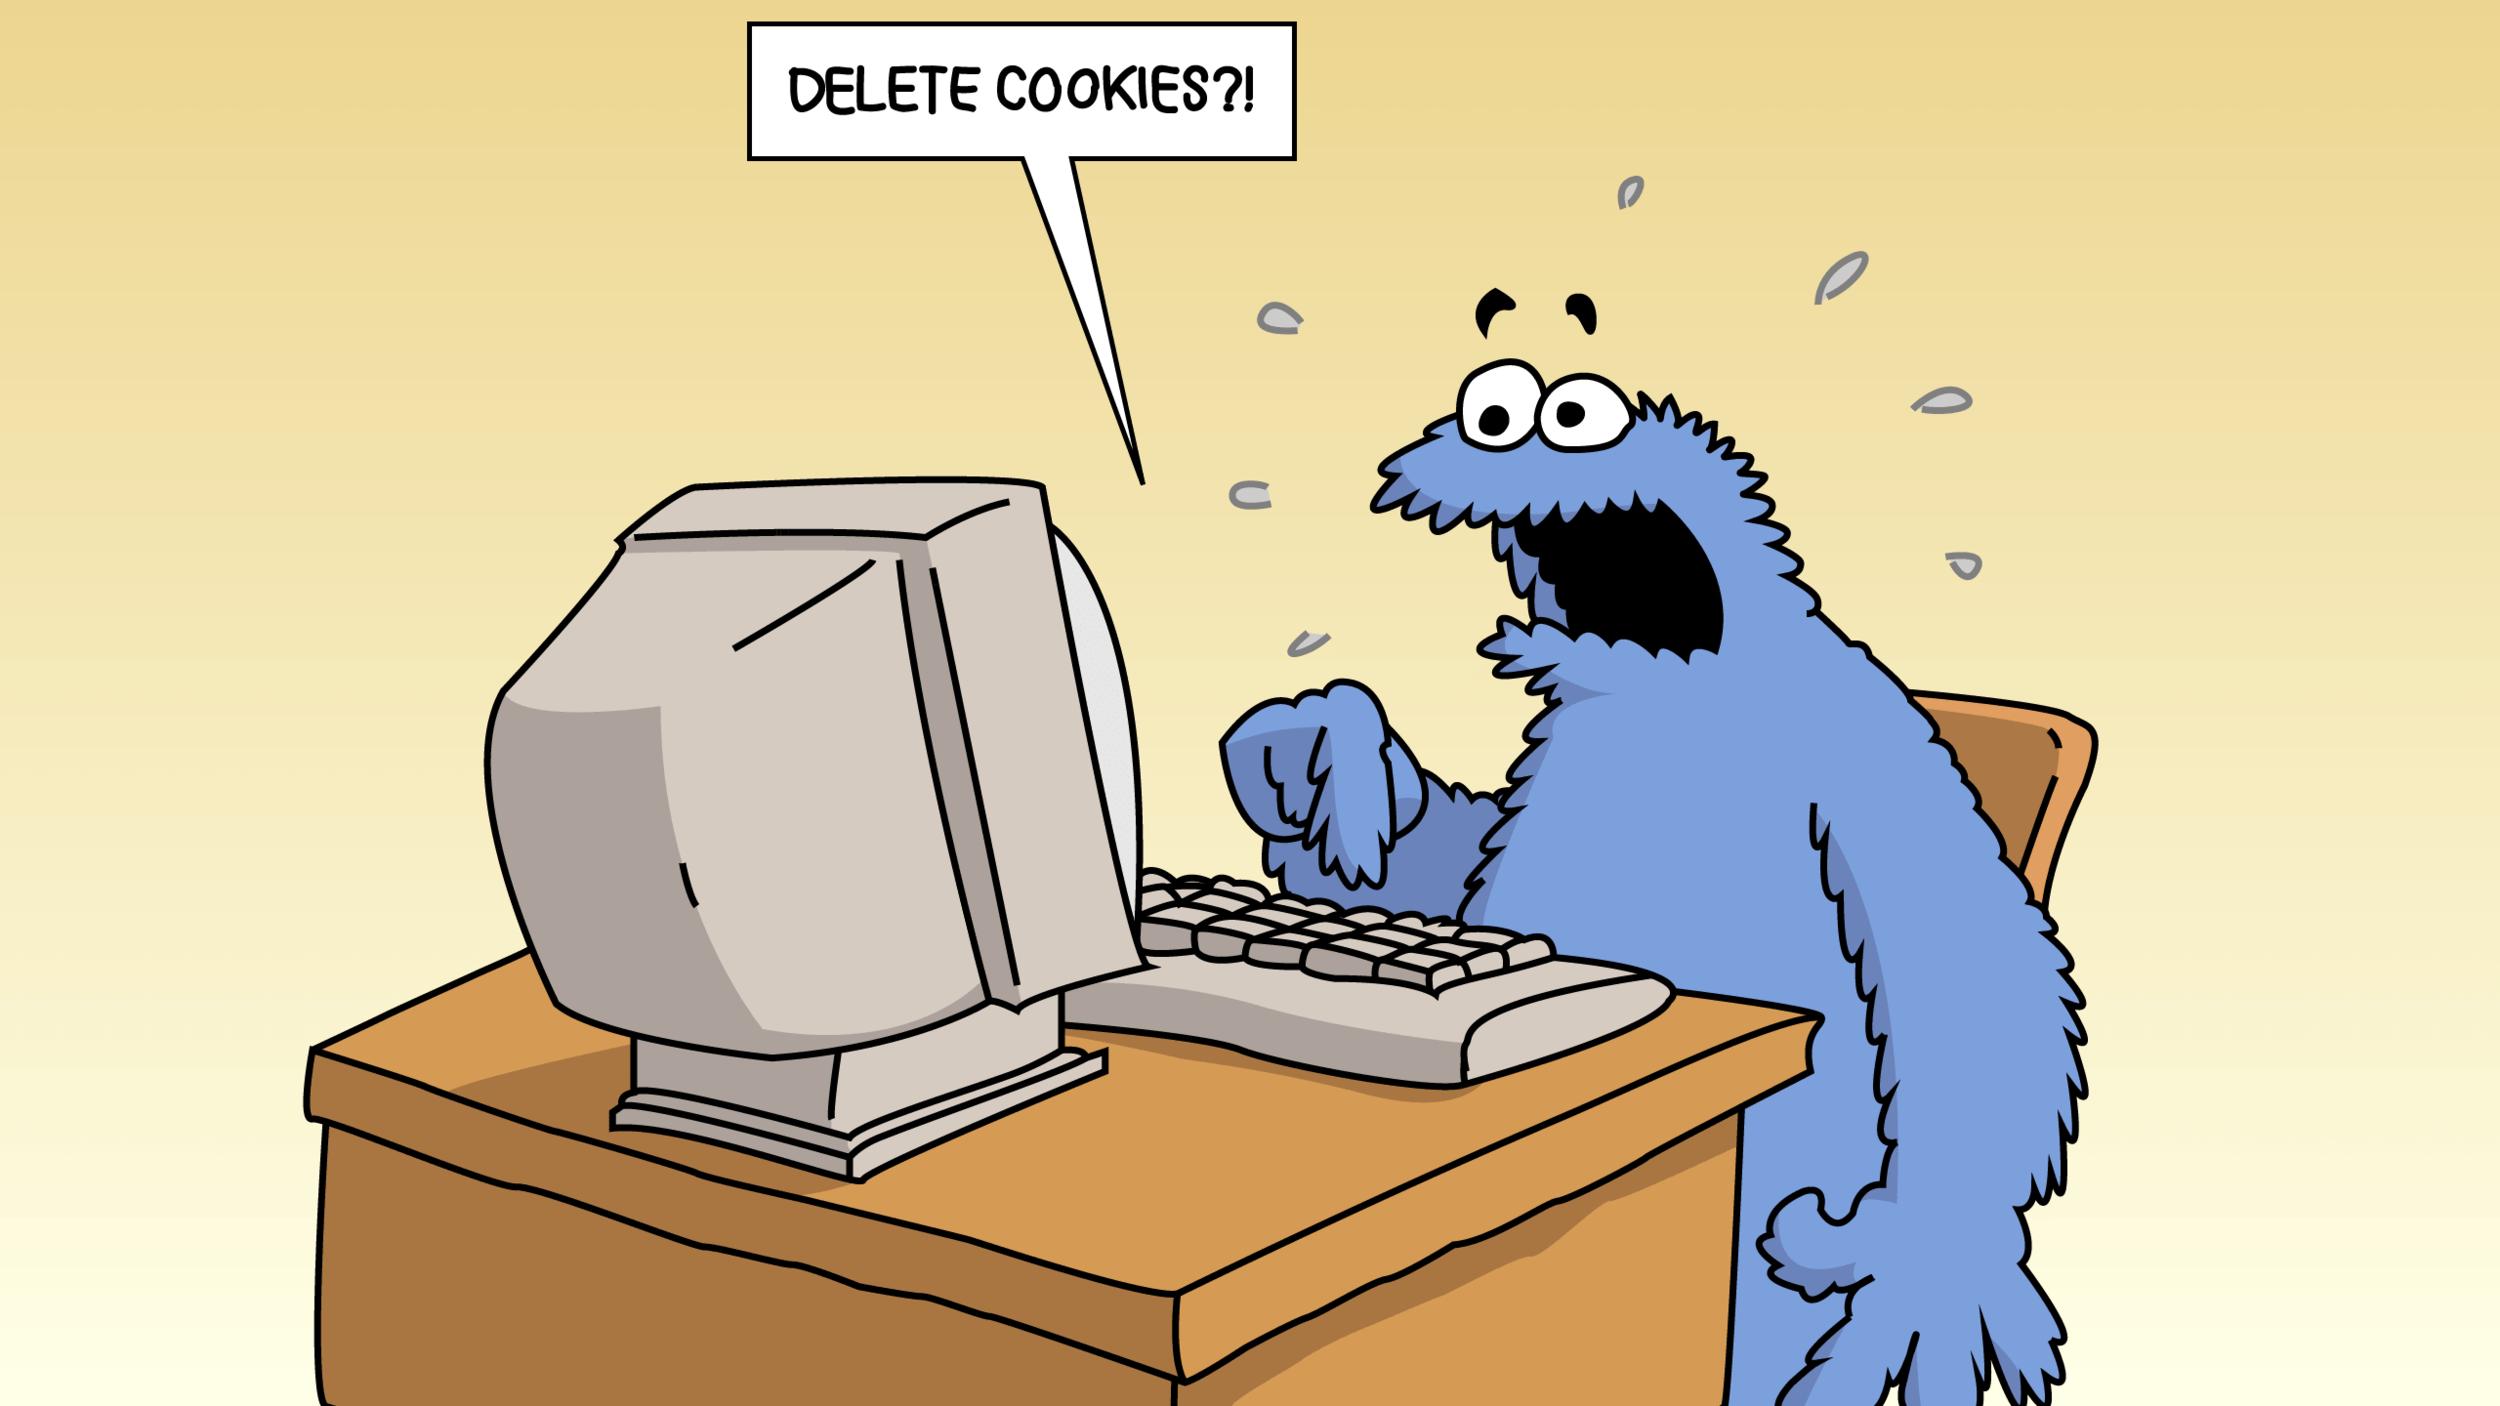 Delete-cookies-monster-cartoon.png